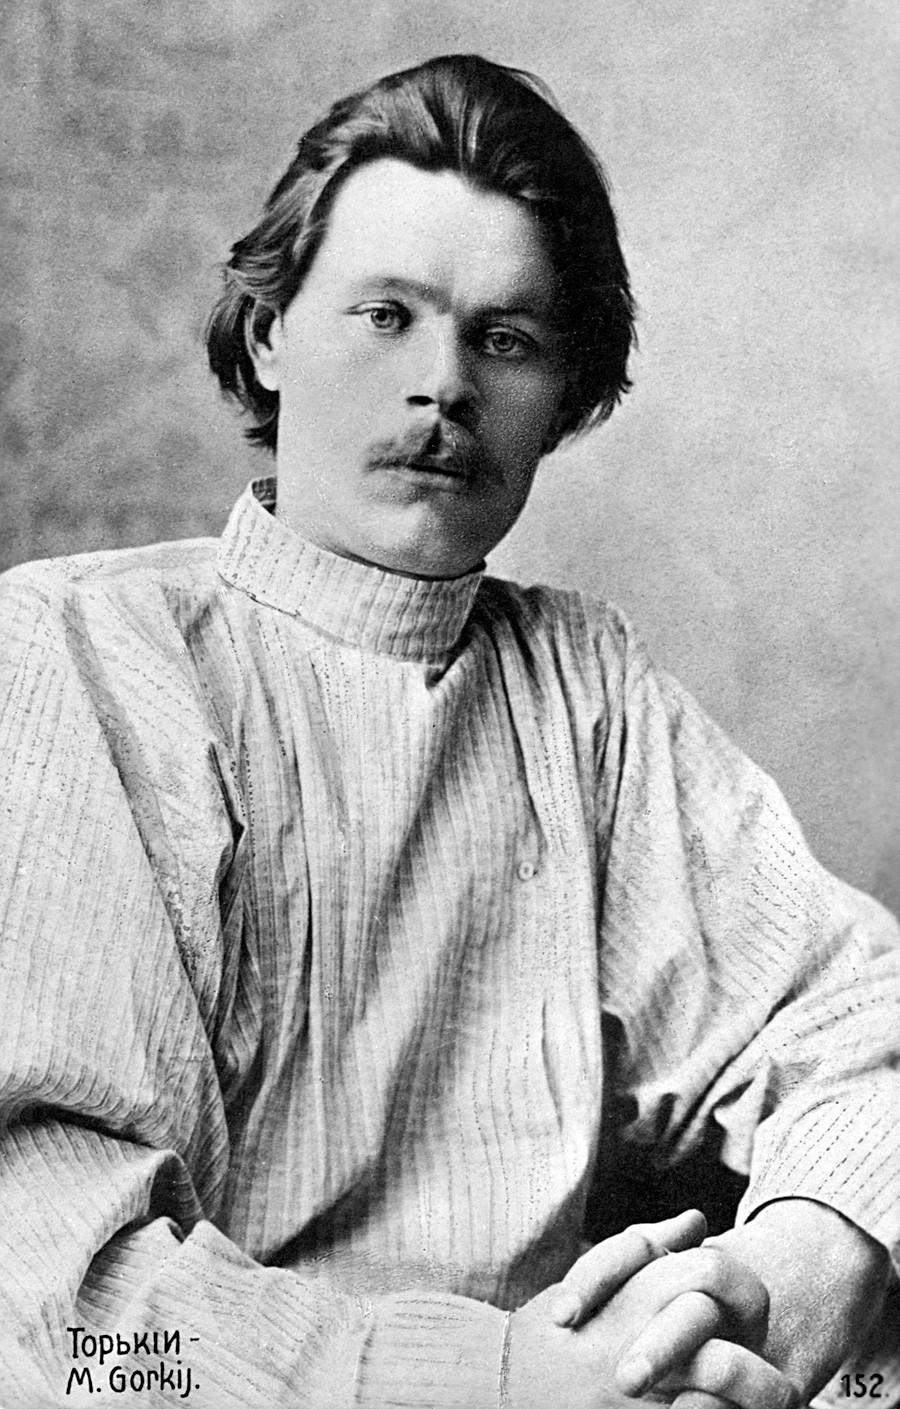 Максим Горки (1868-1936)